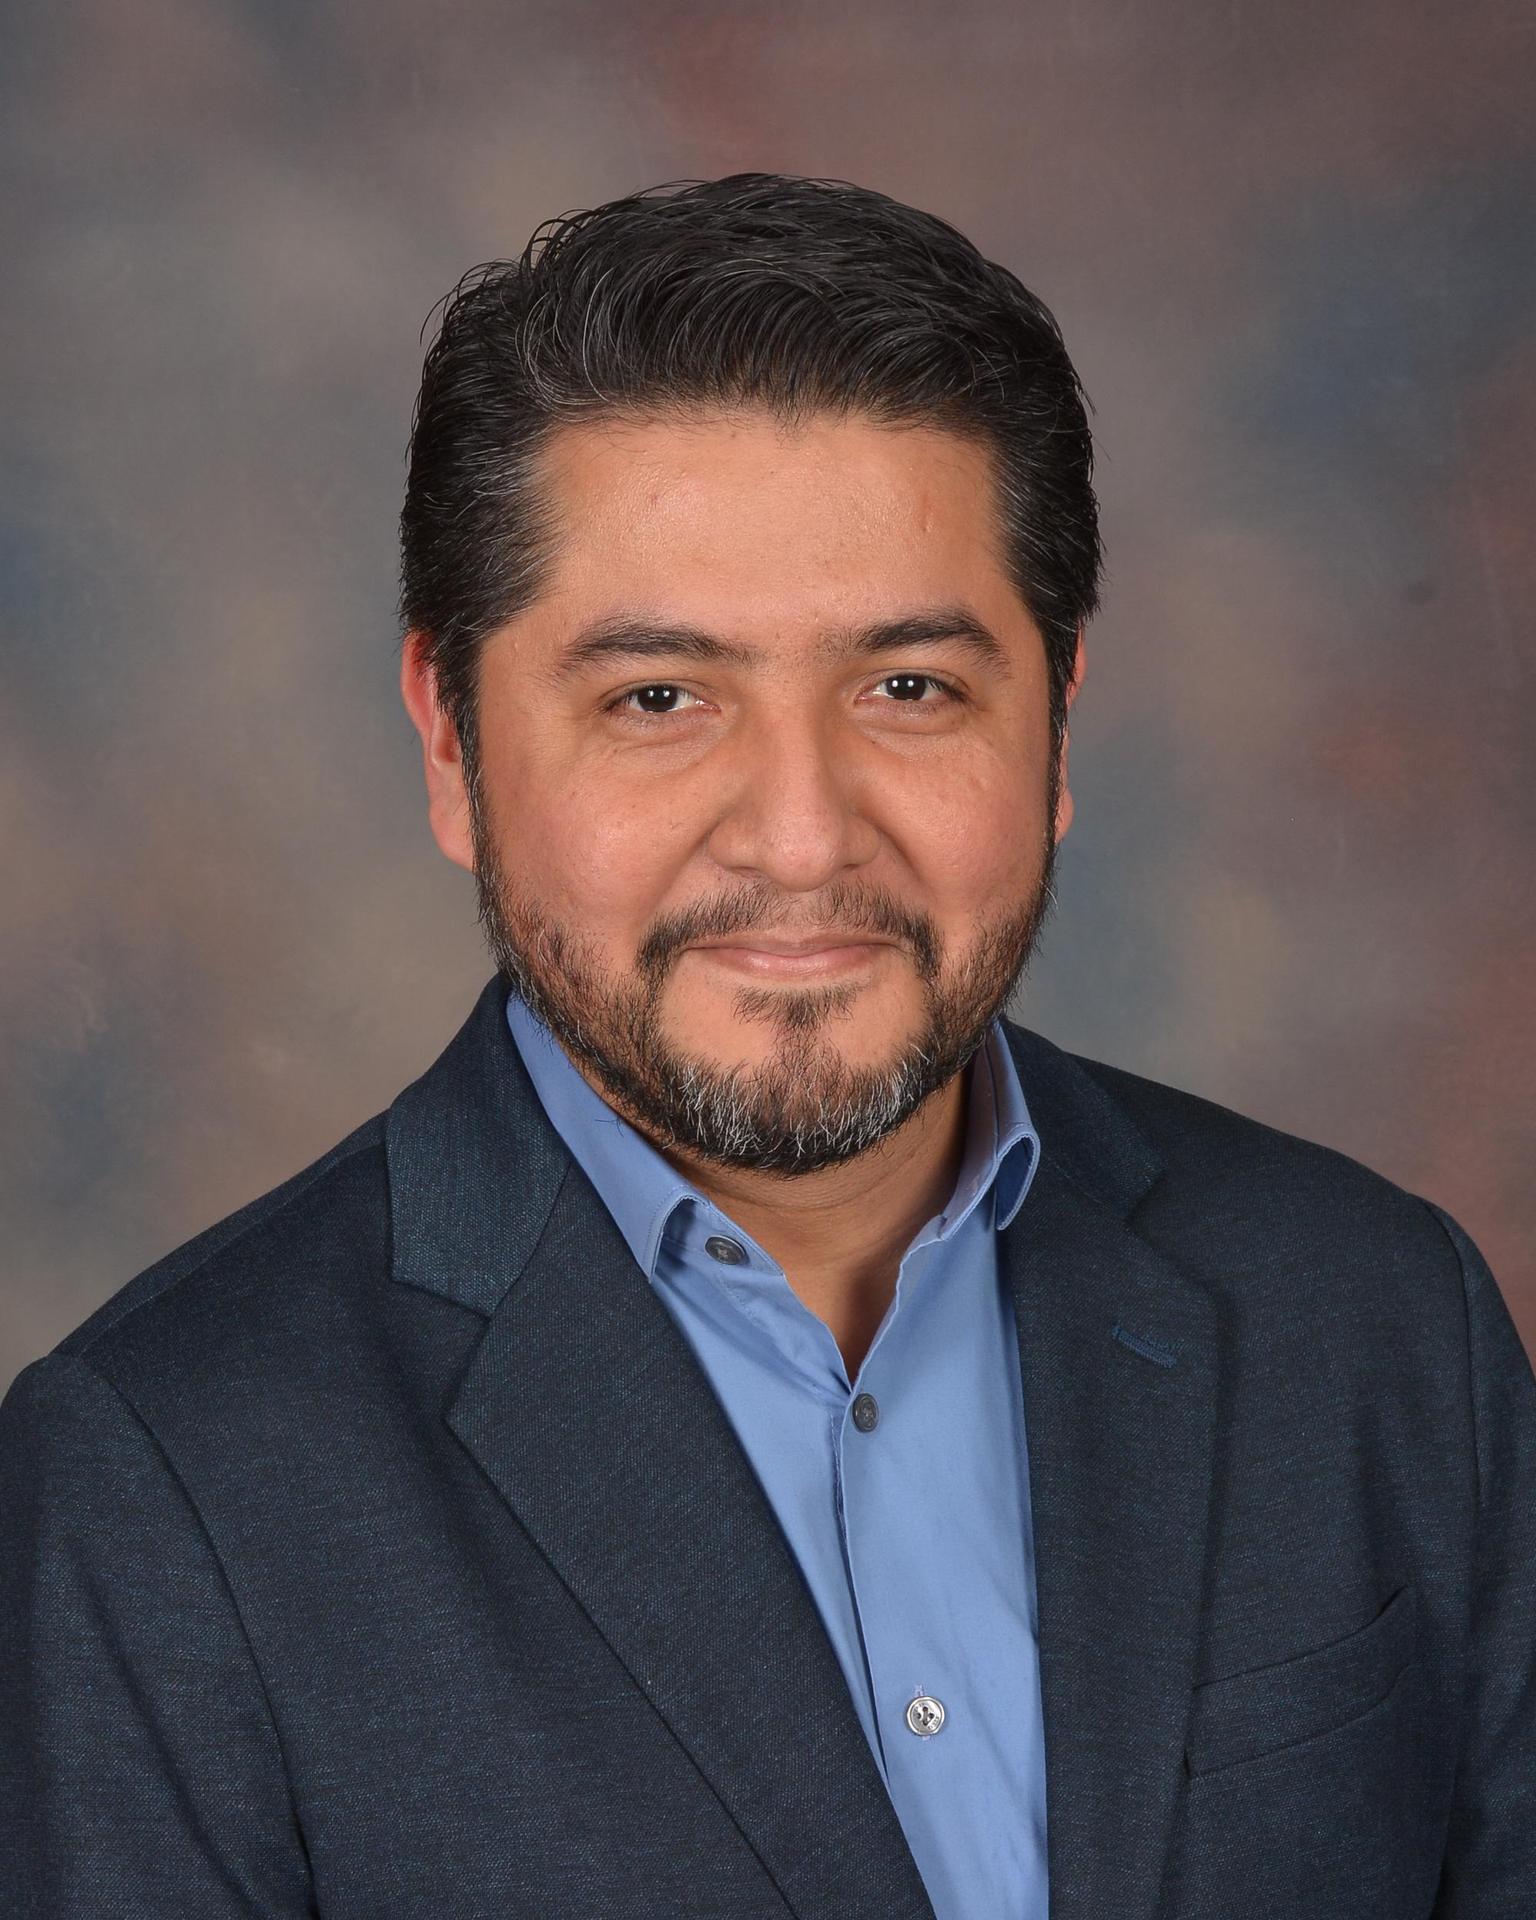 David Tecuatl